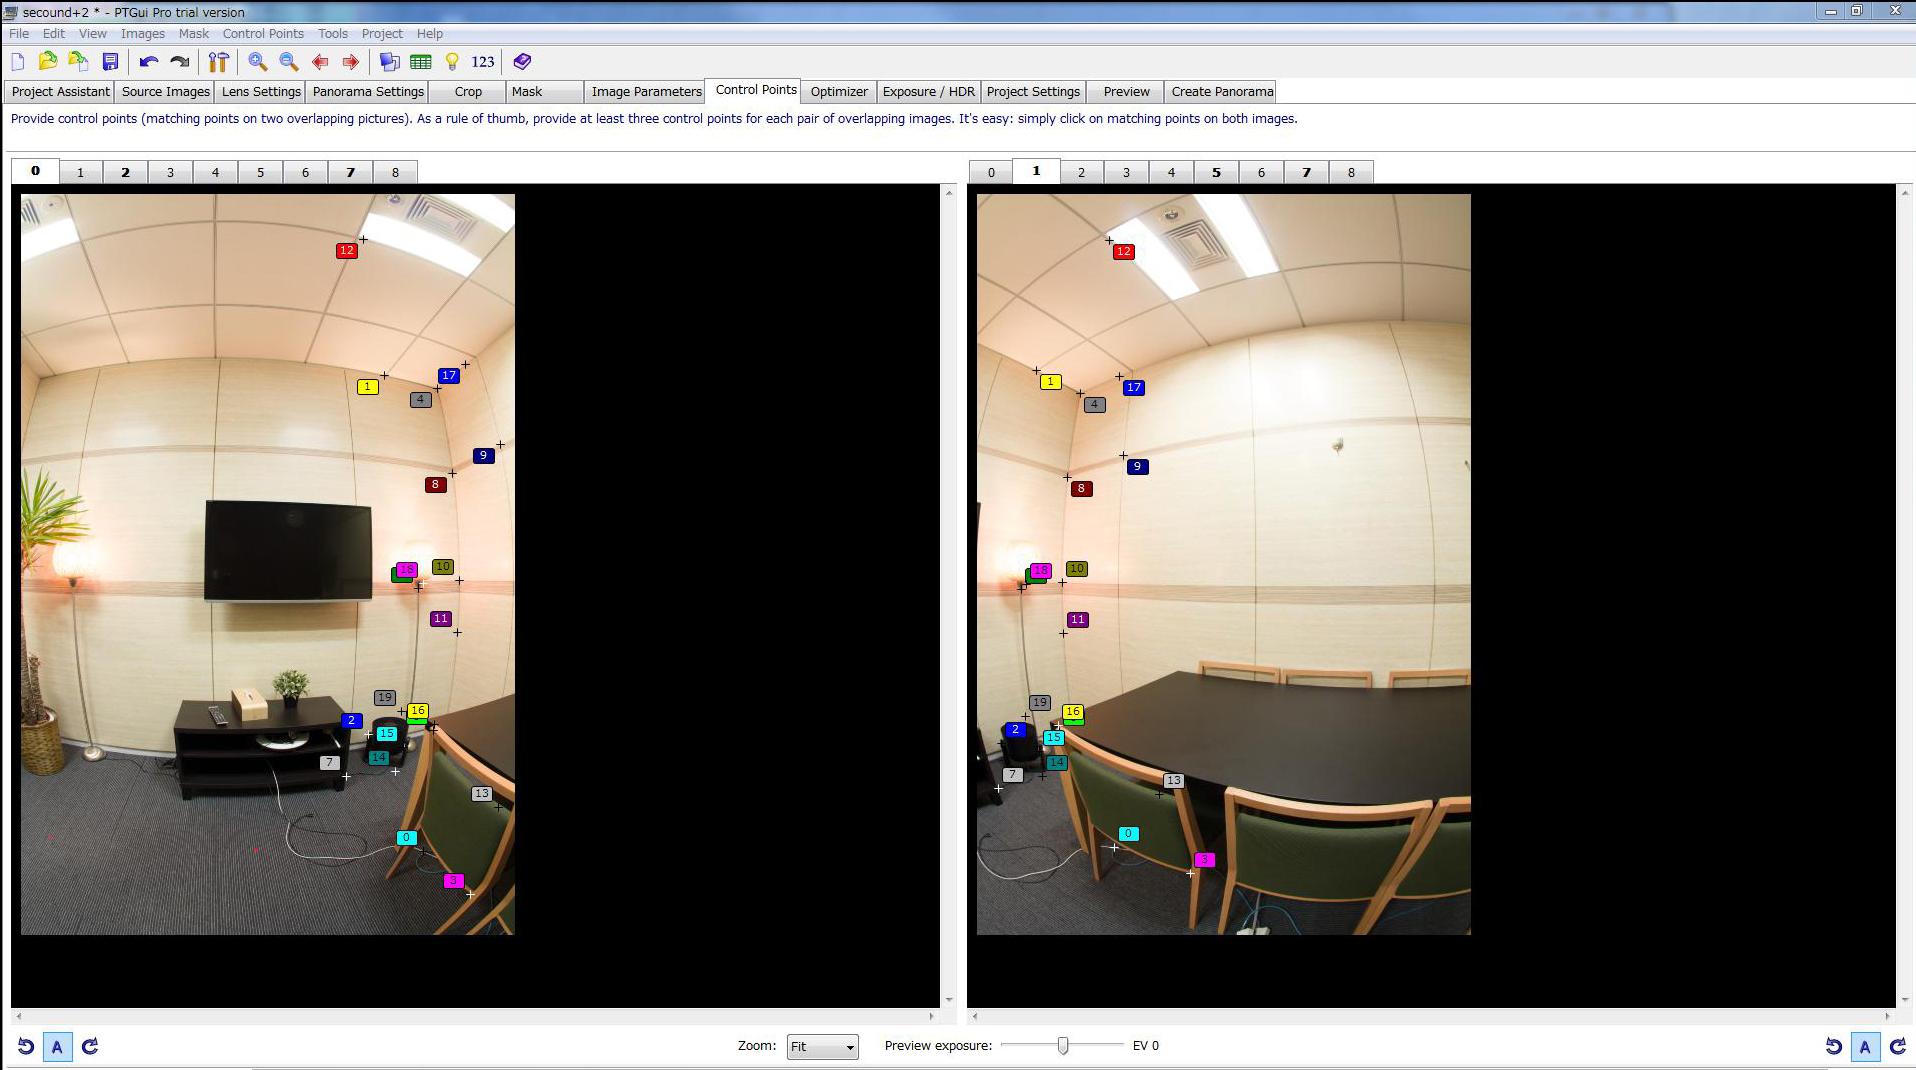 撮影した画像をキャリブレーションし、PTGuiを用いてつなぎ合わせる